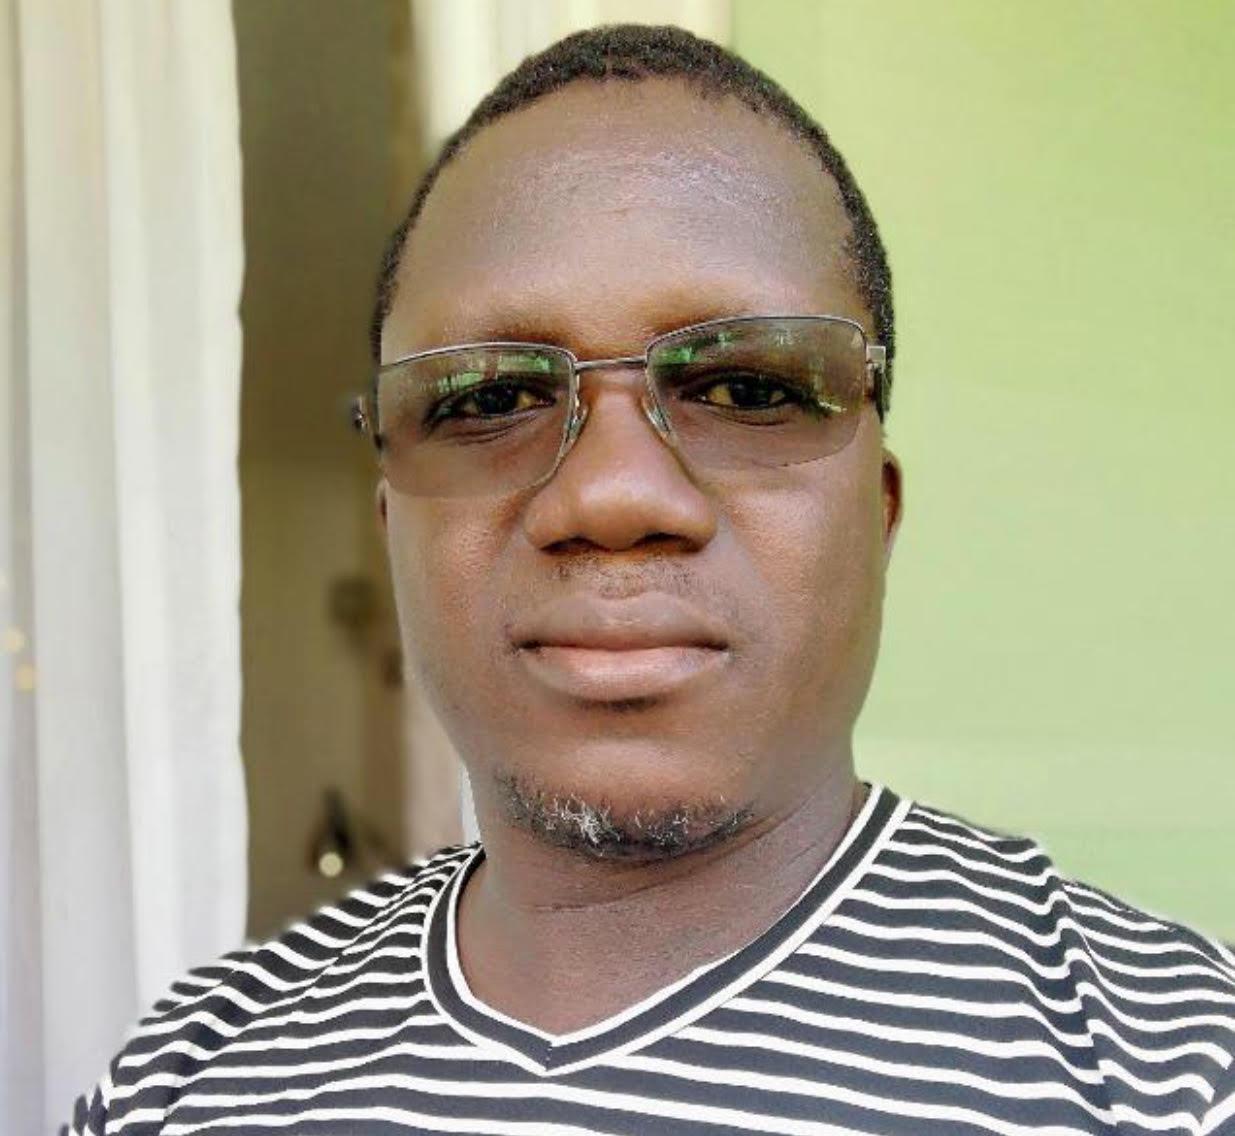 Cinéma: le réalisateur burkinabè Michel K. Zongo nommé au collège des Oscars